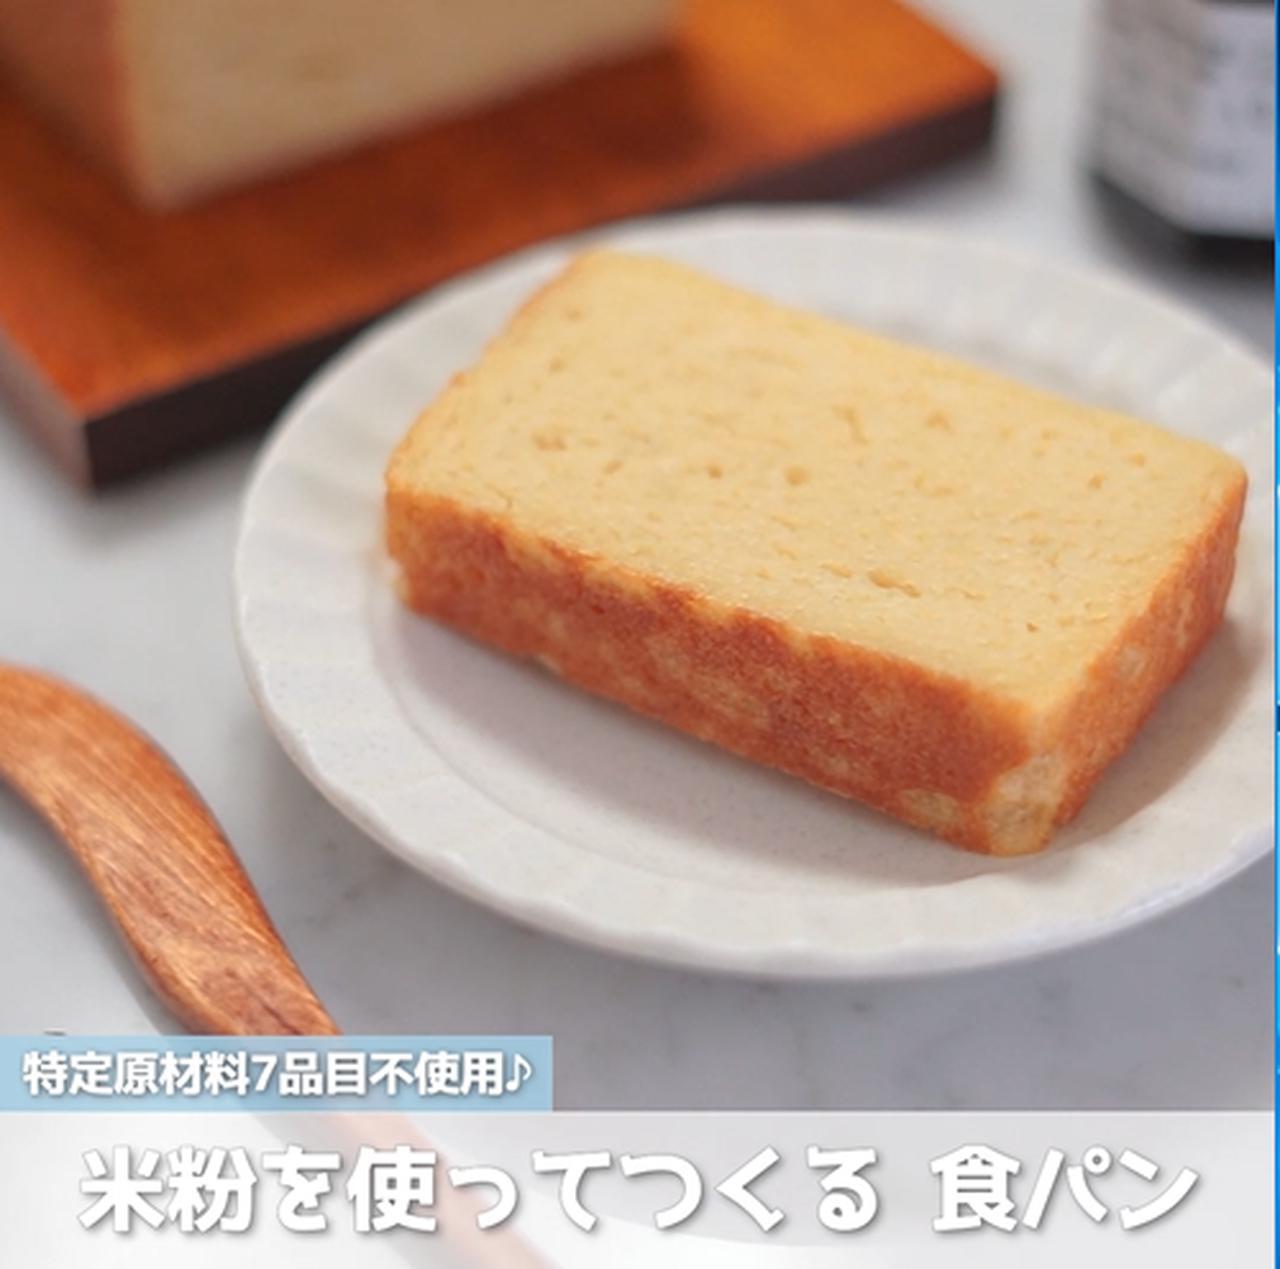 画像: 朝ごはんにも、代替給食にも大活躍!小麦・卵・乳不使用でつくる、米粉パンレシピ特集 - 君とごはん